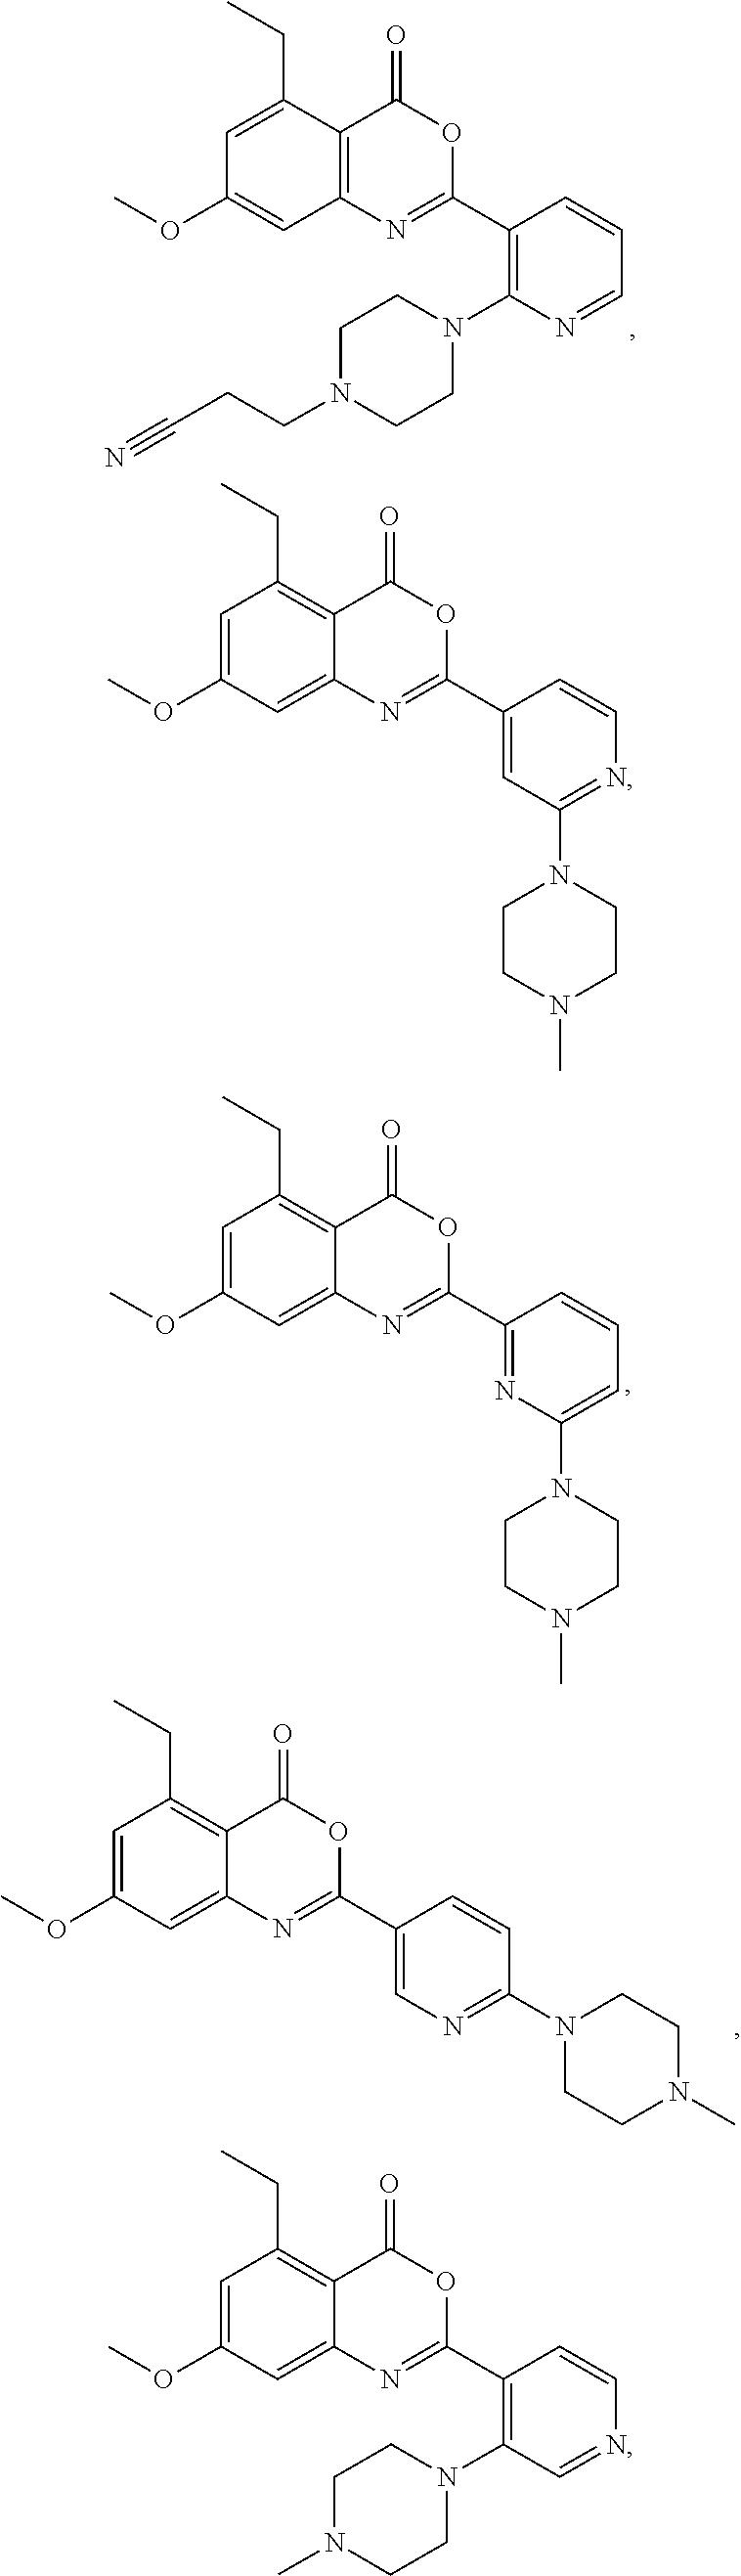 Figure US07879846-20110201-C00409